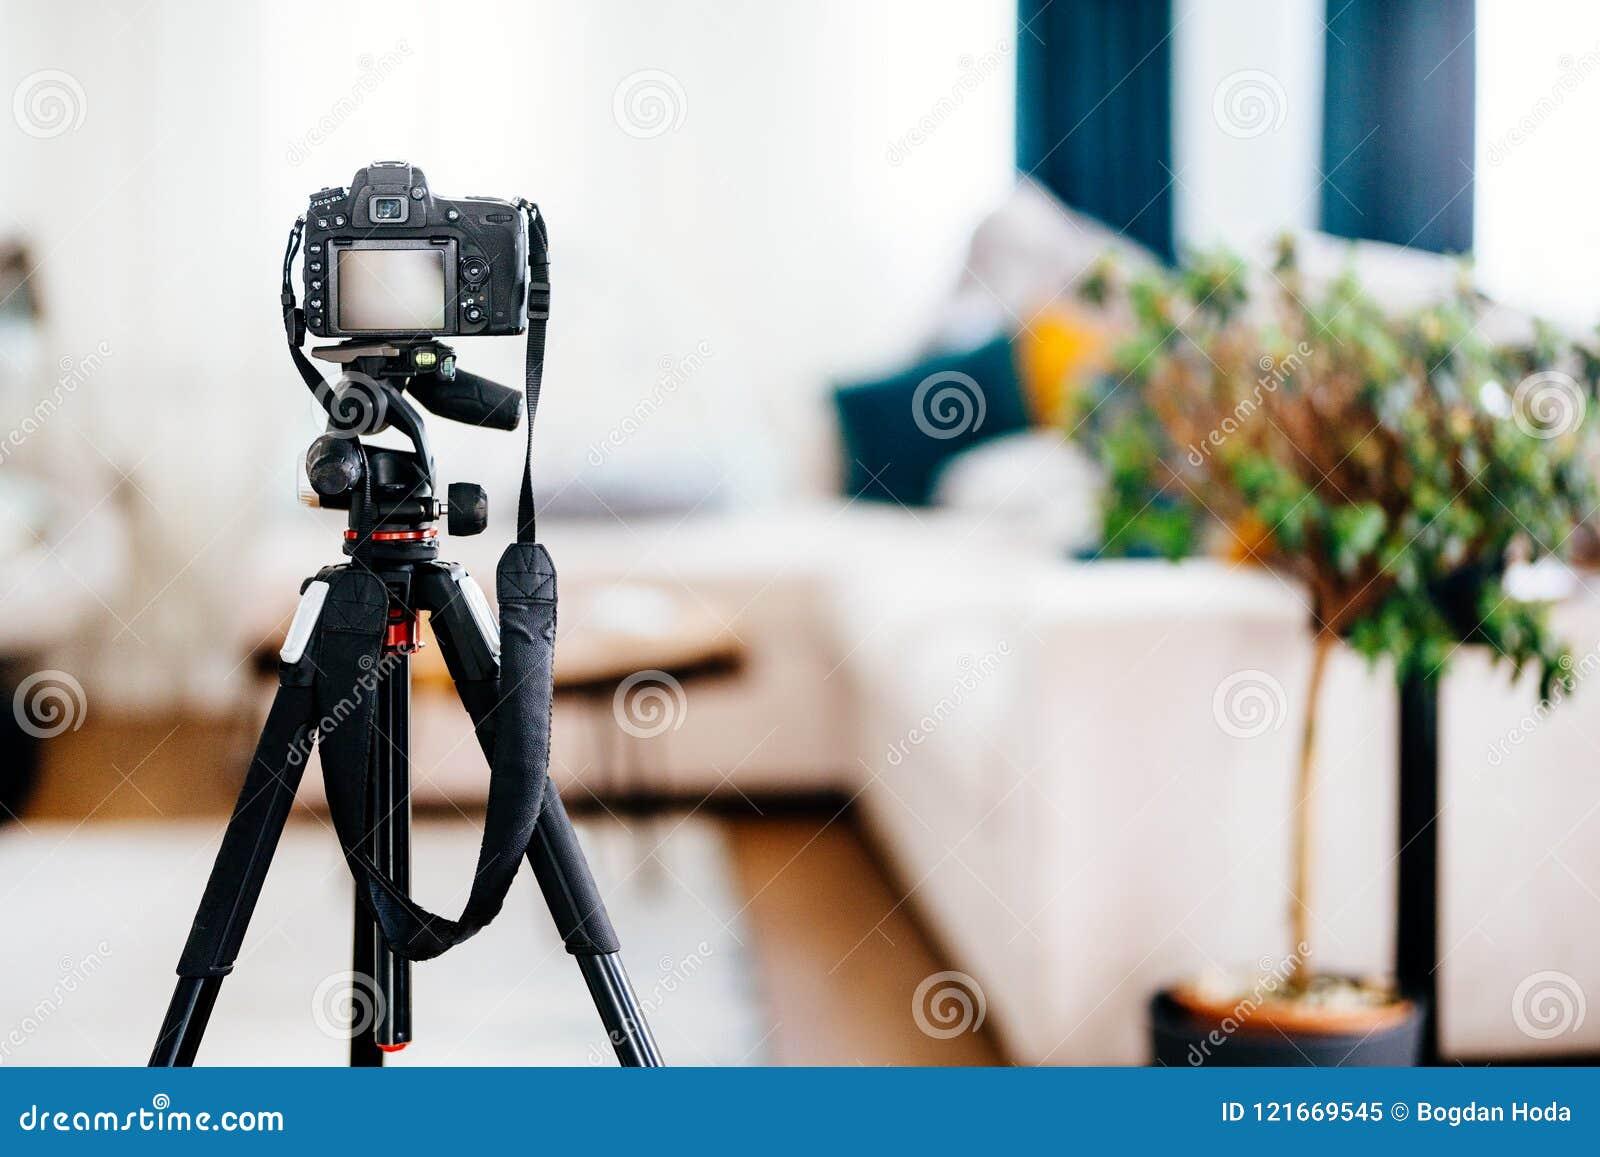 Kamera på tripoden som tar fotografier av inredesignen, möblemang och hus